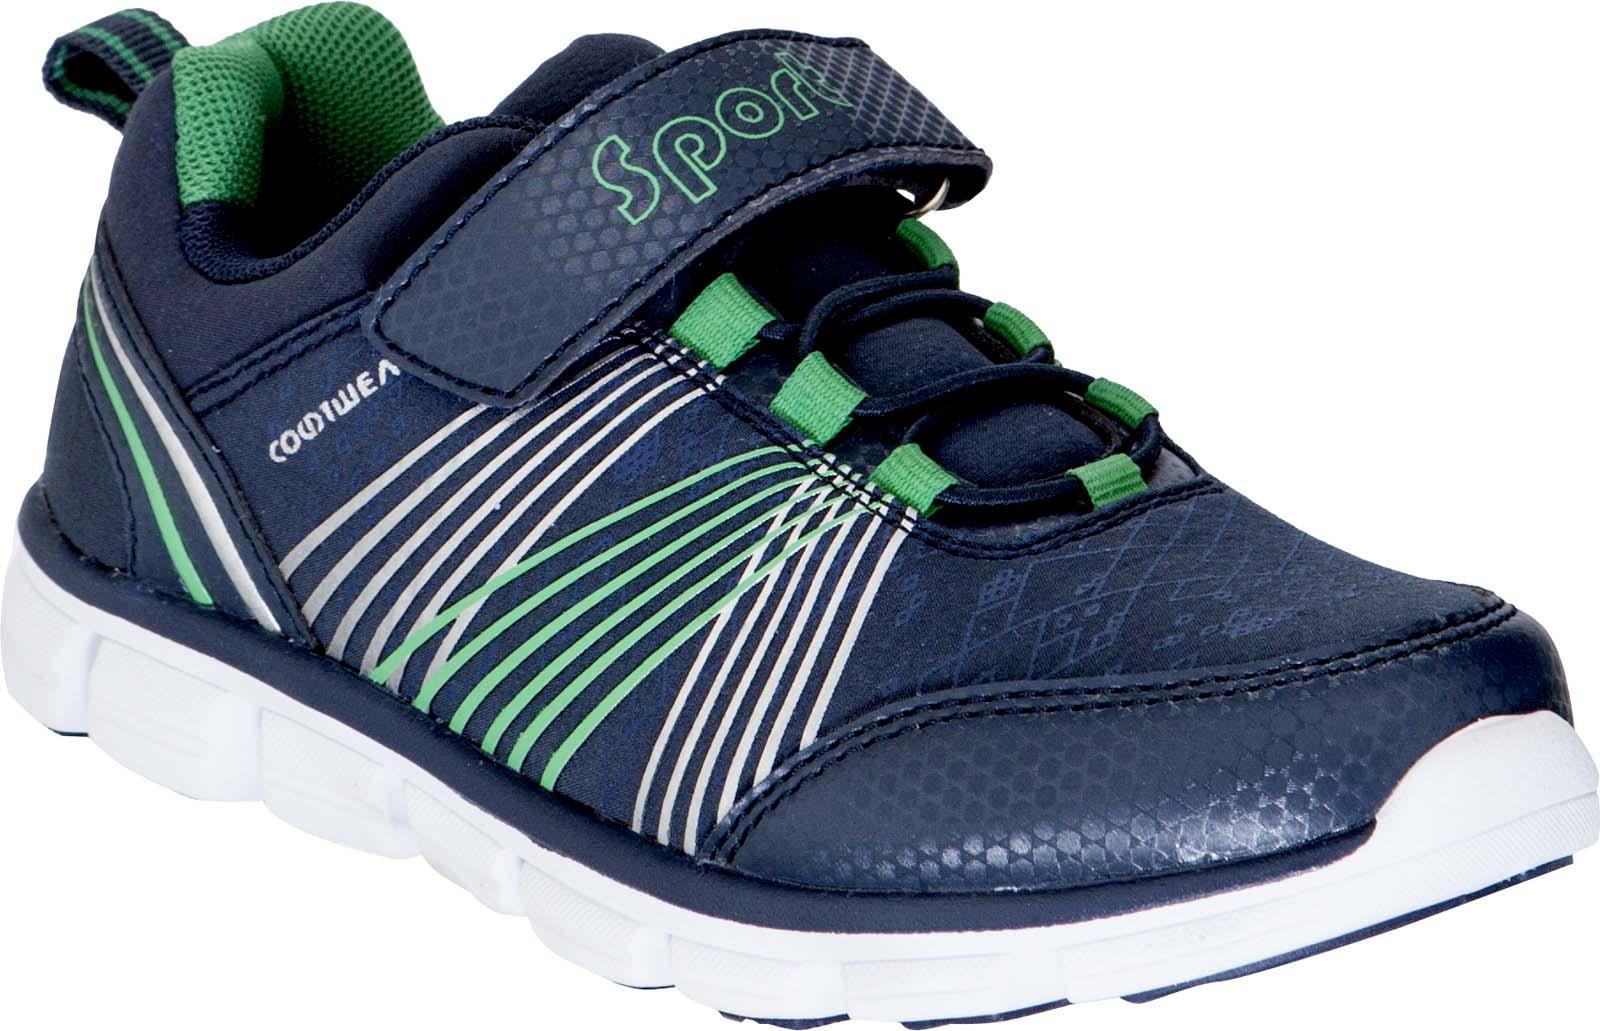 Кроссовки для мальчика Kapika, цвет: темно-синий, зеленый. 73348. Размер 32